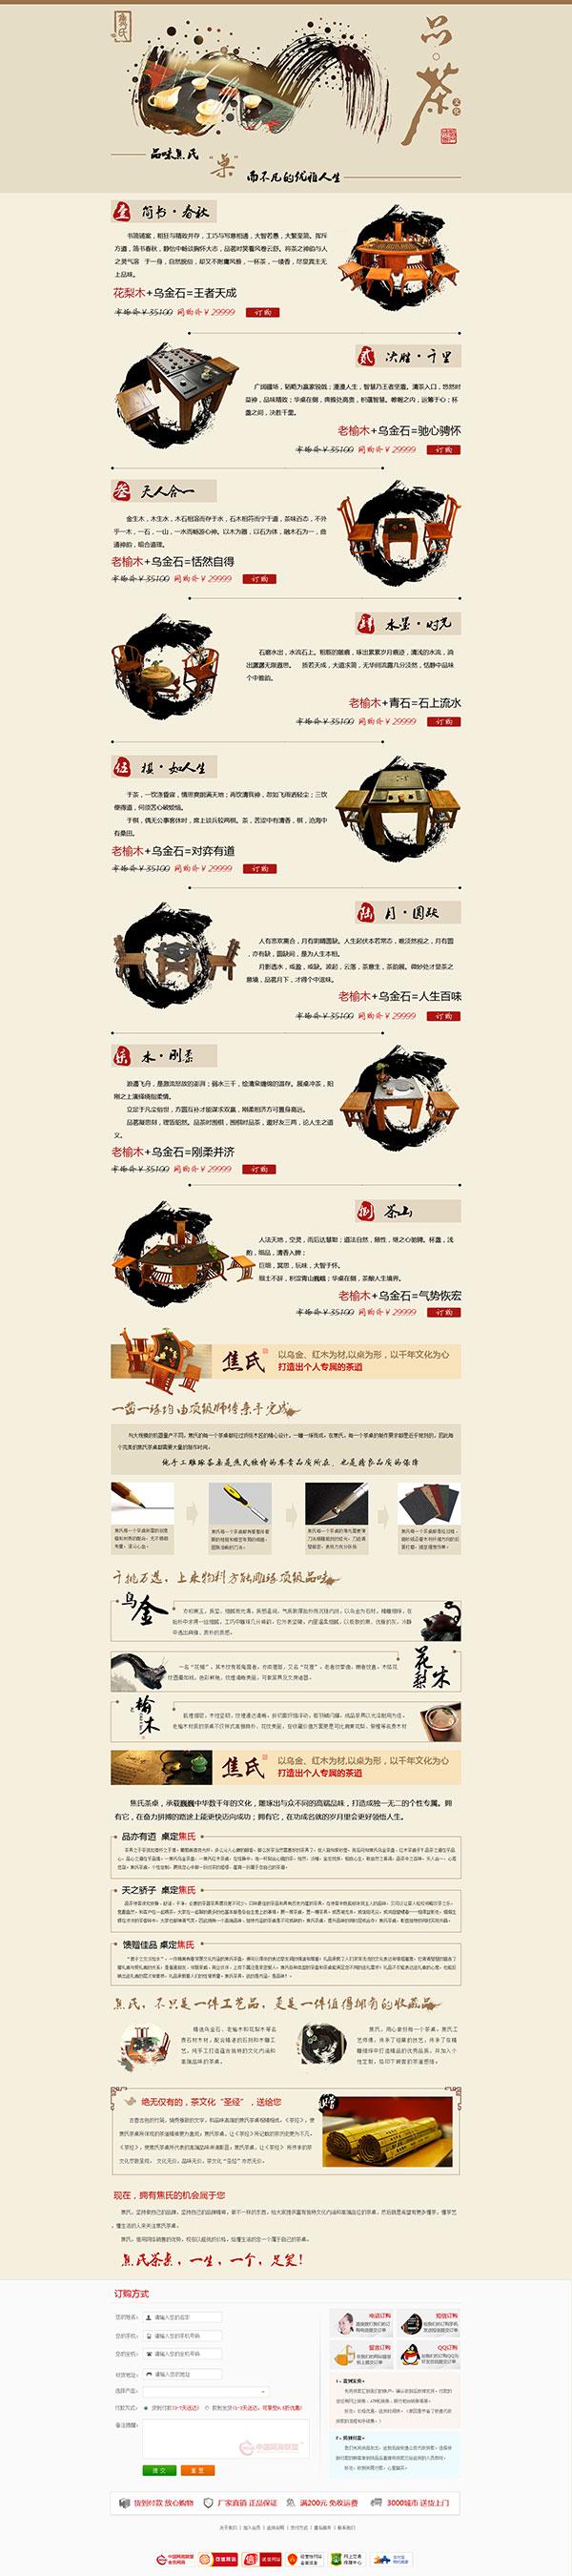 网页模板,网页设计,网页背景,网页排版,茶具网页,中国风网页模板,古典